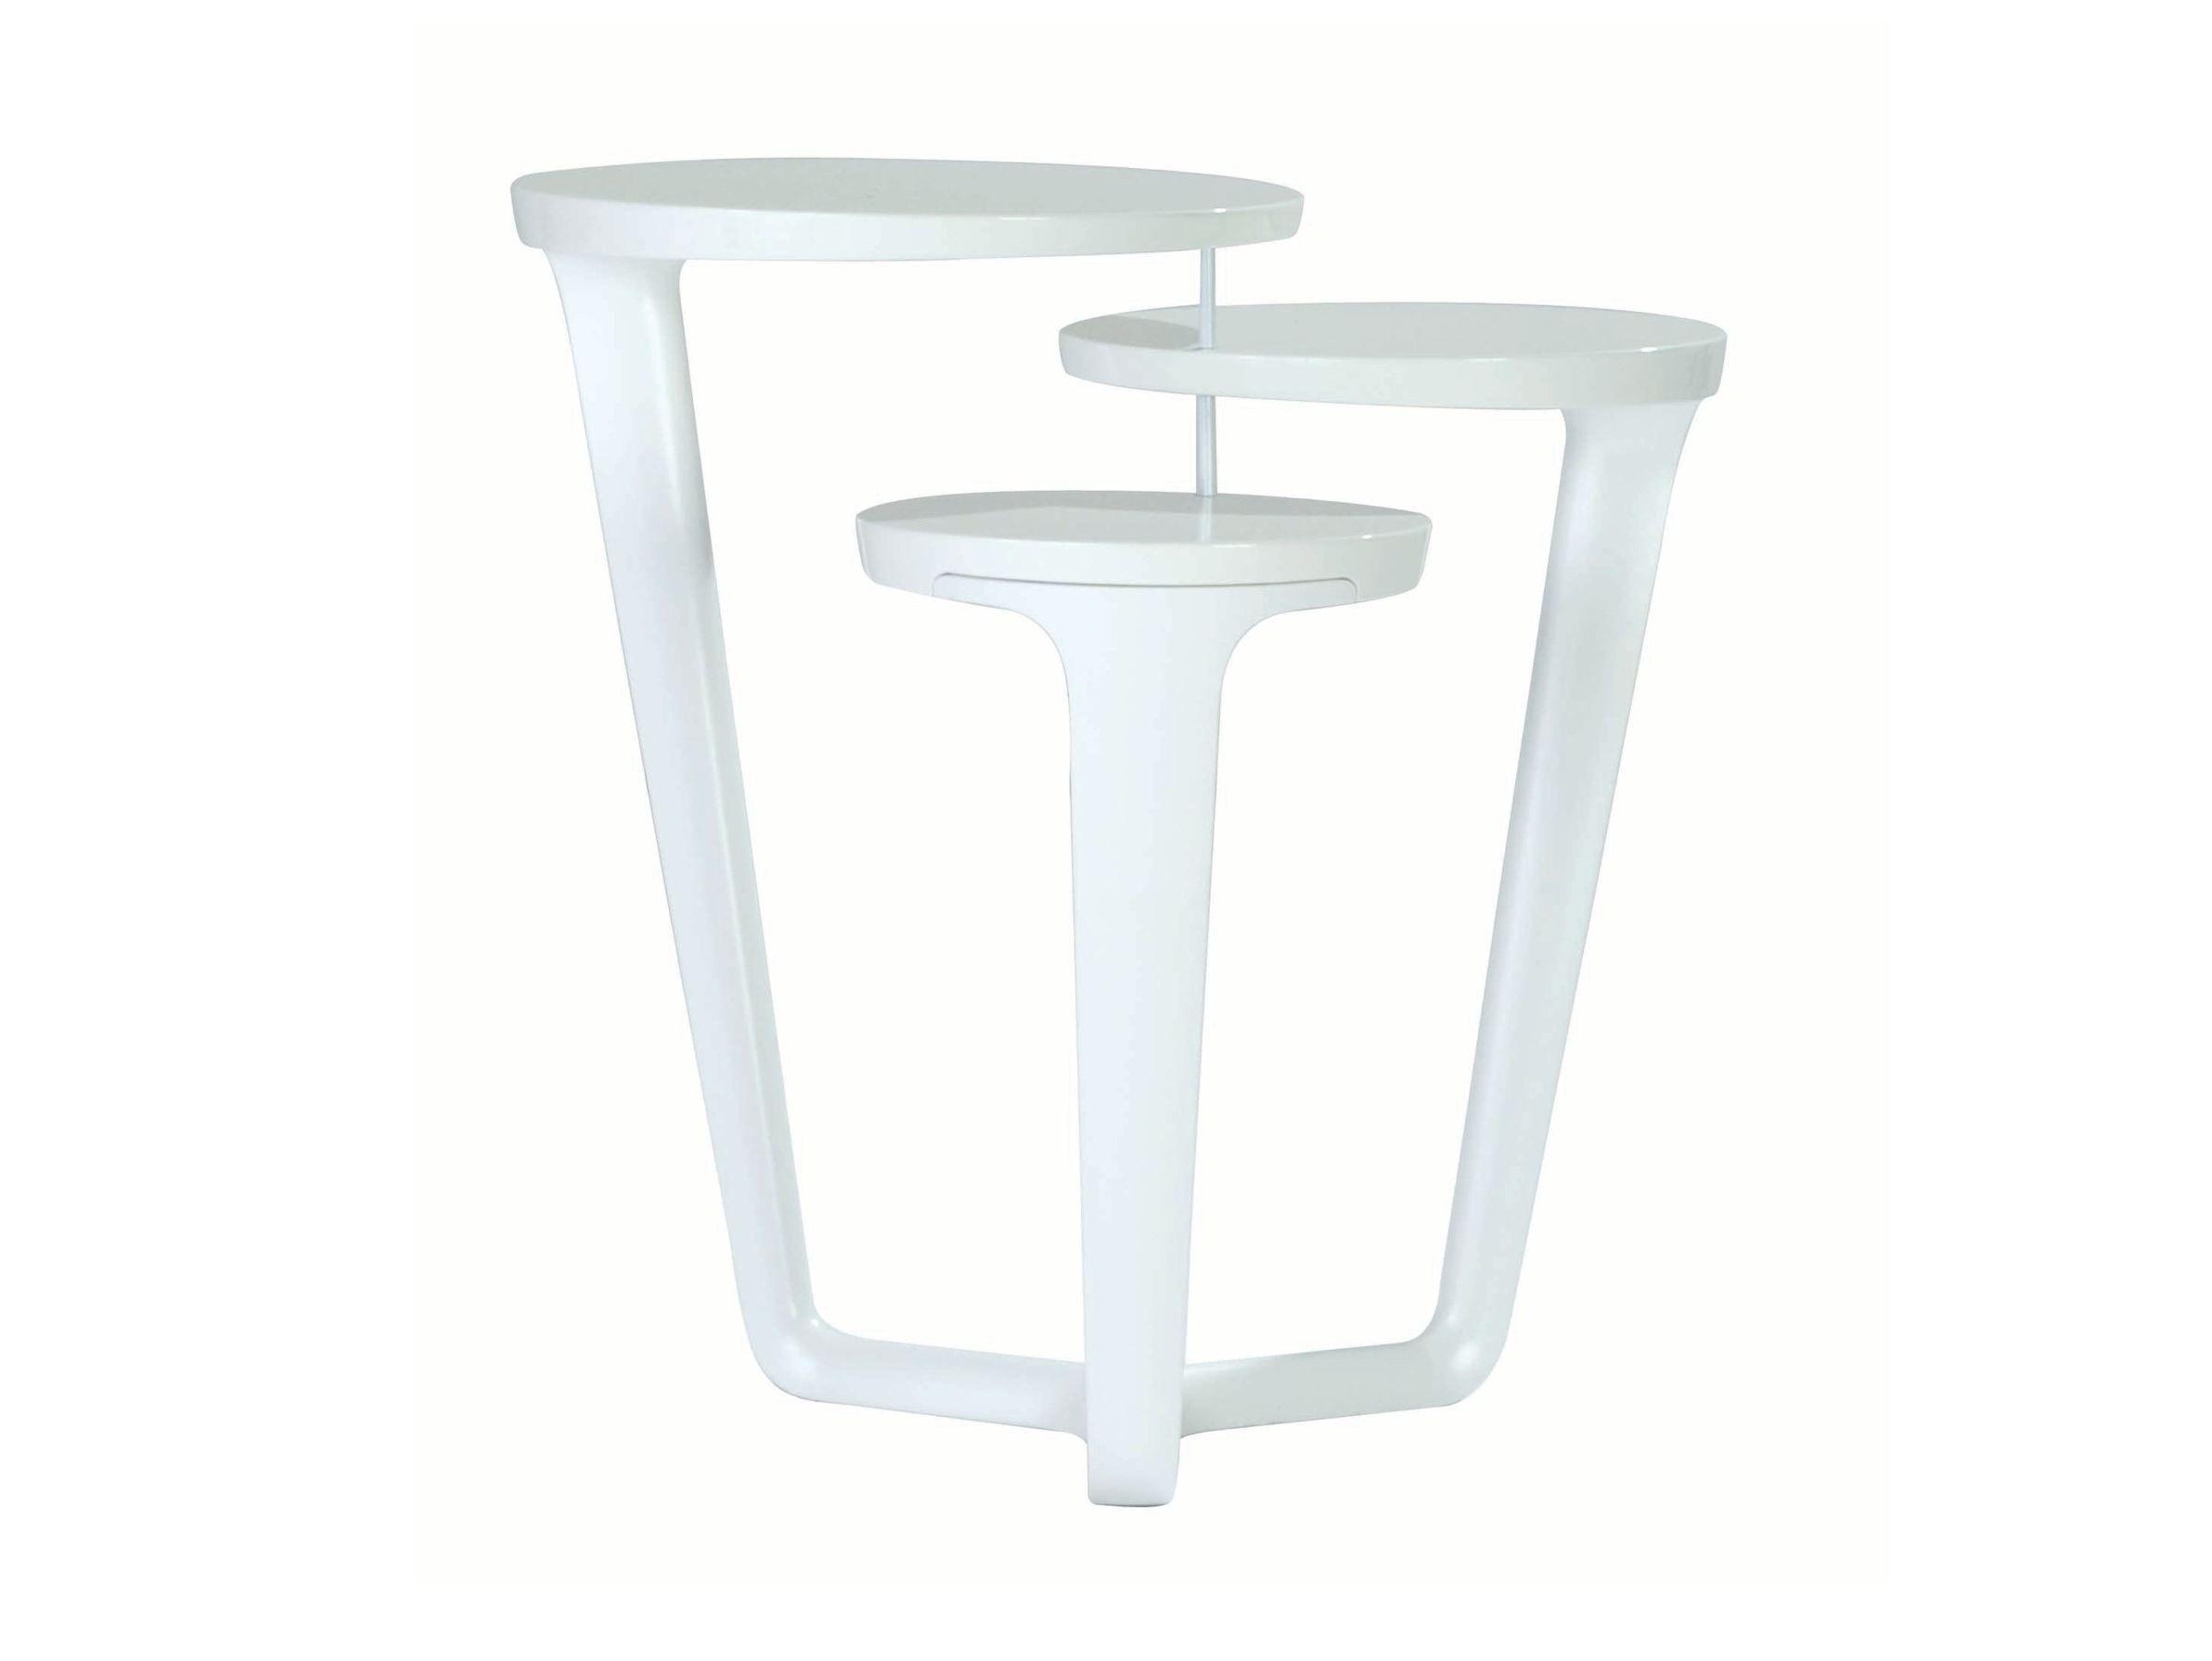 Table basse ronde en polyur thane ora ito collection les for Table ora ito